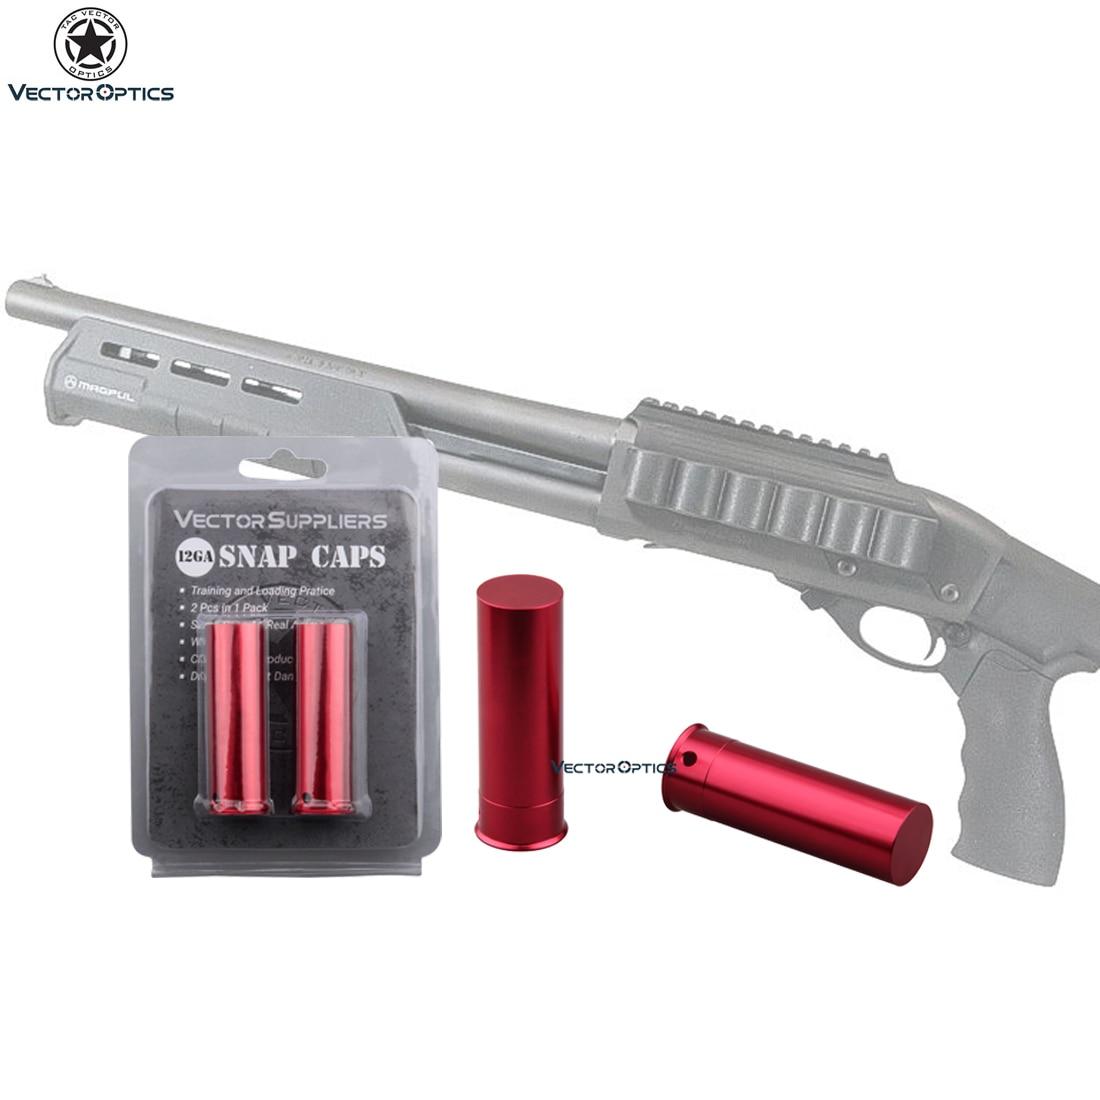 otica do vetor 12ga snap caps 12 calibre shotgun manequim rodadas para incendios secos treinamento de